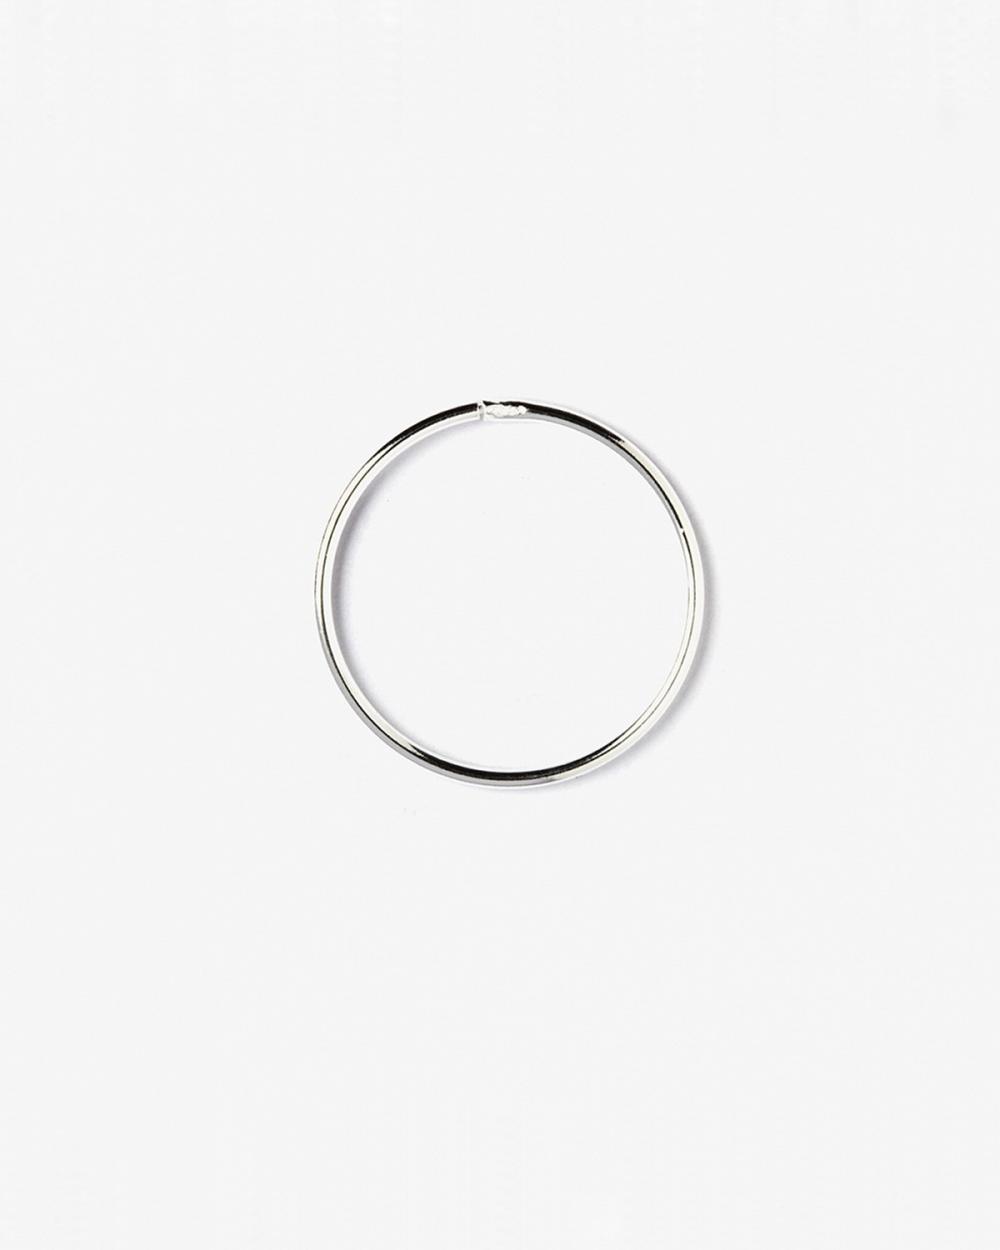 mini single hoop earring 012 d20 mm polished silver